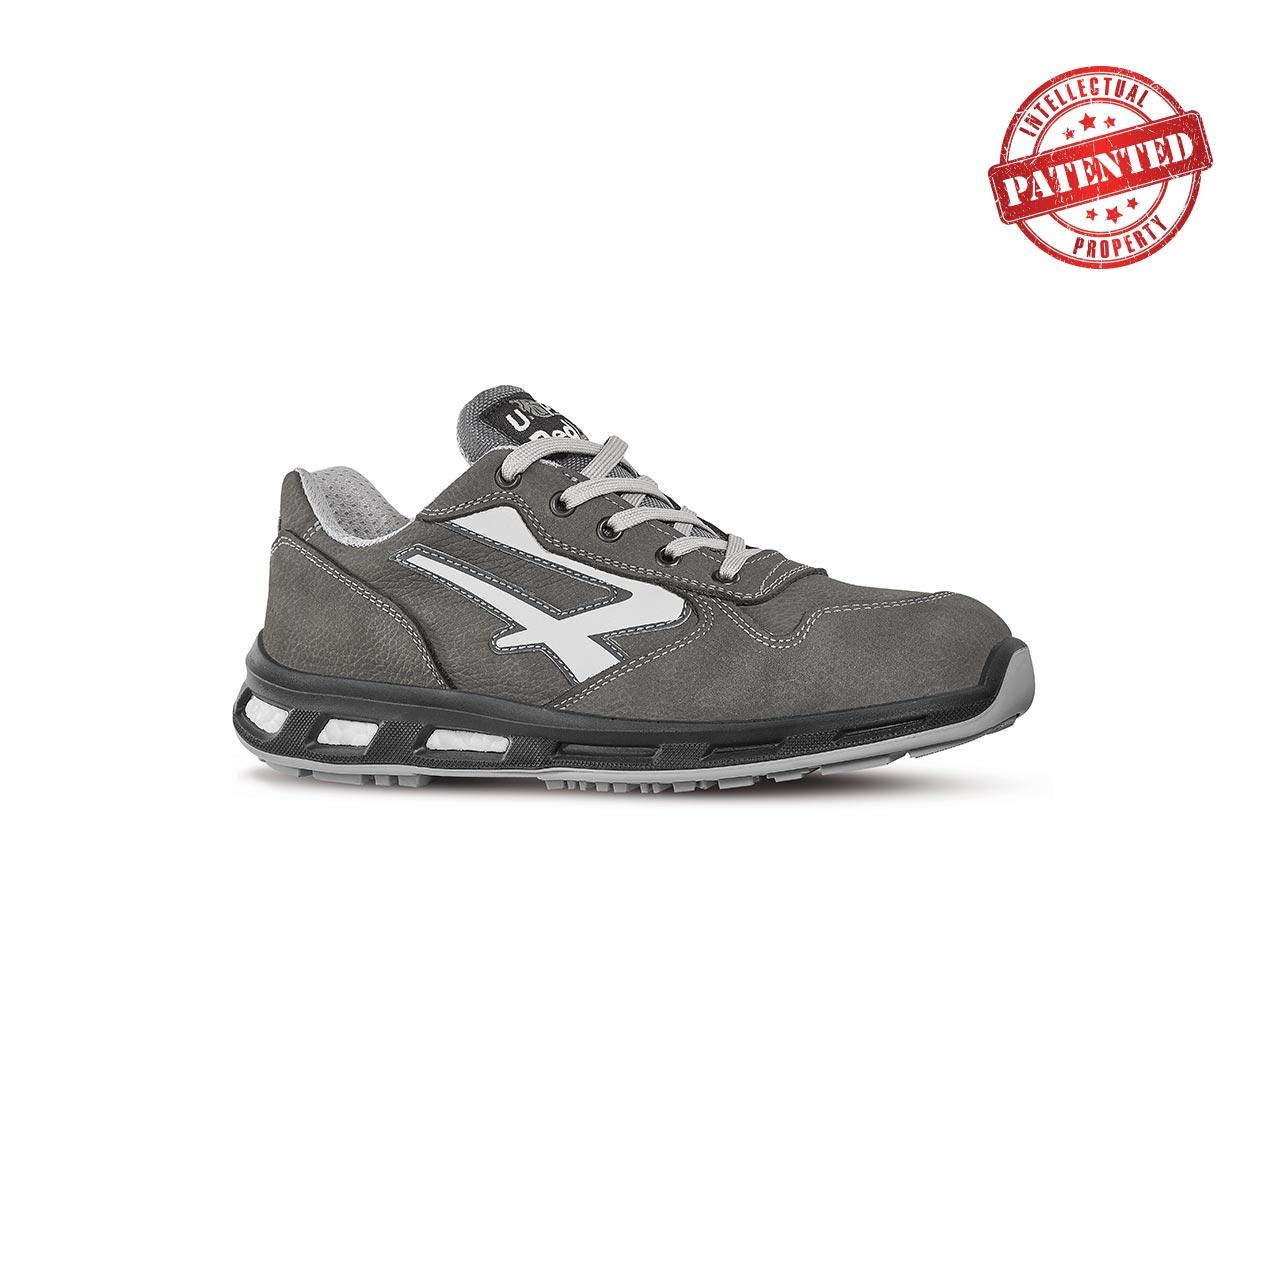 scarpa antinfortunistica upower modello kick linea redlion vista laterale